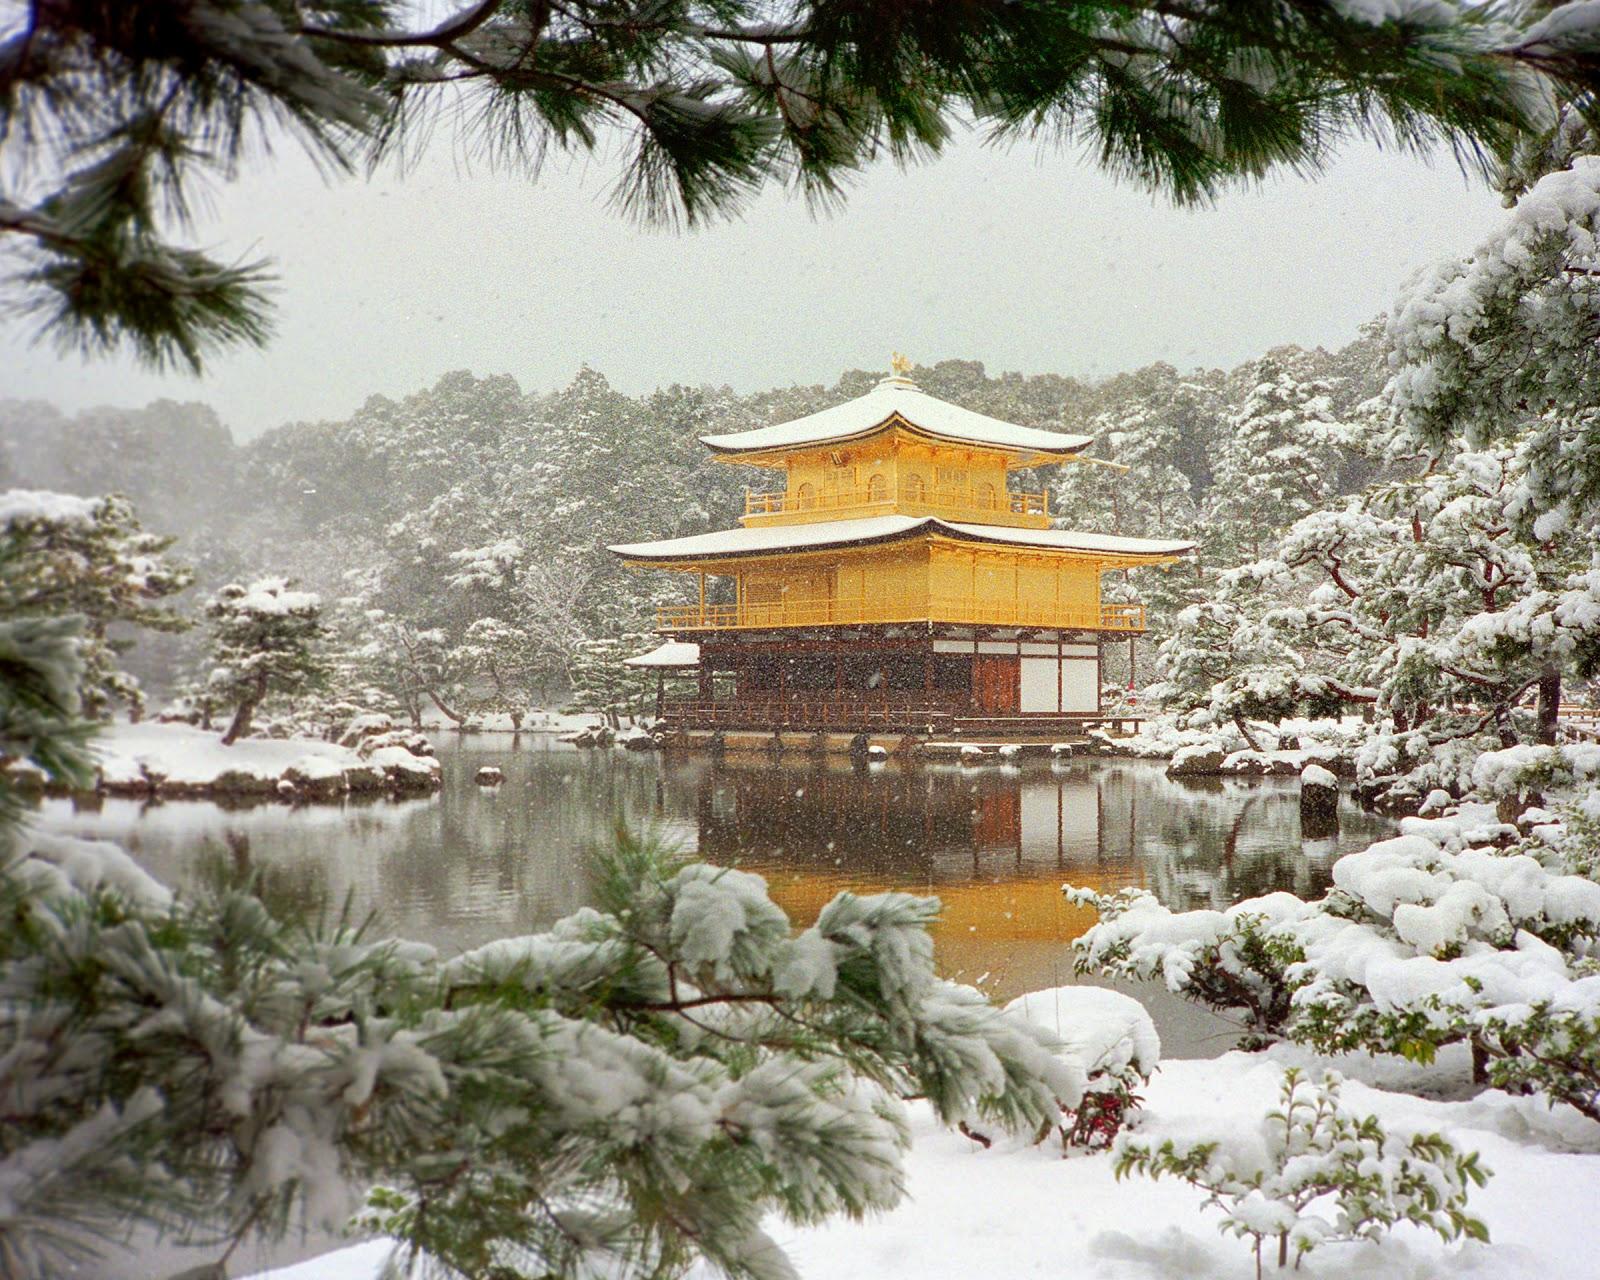 7 Wisata Sejarah yang Populer di Jepang ~ unikposts